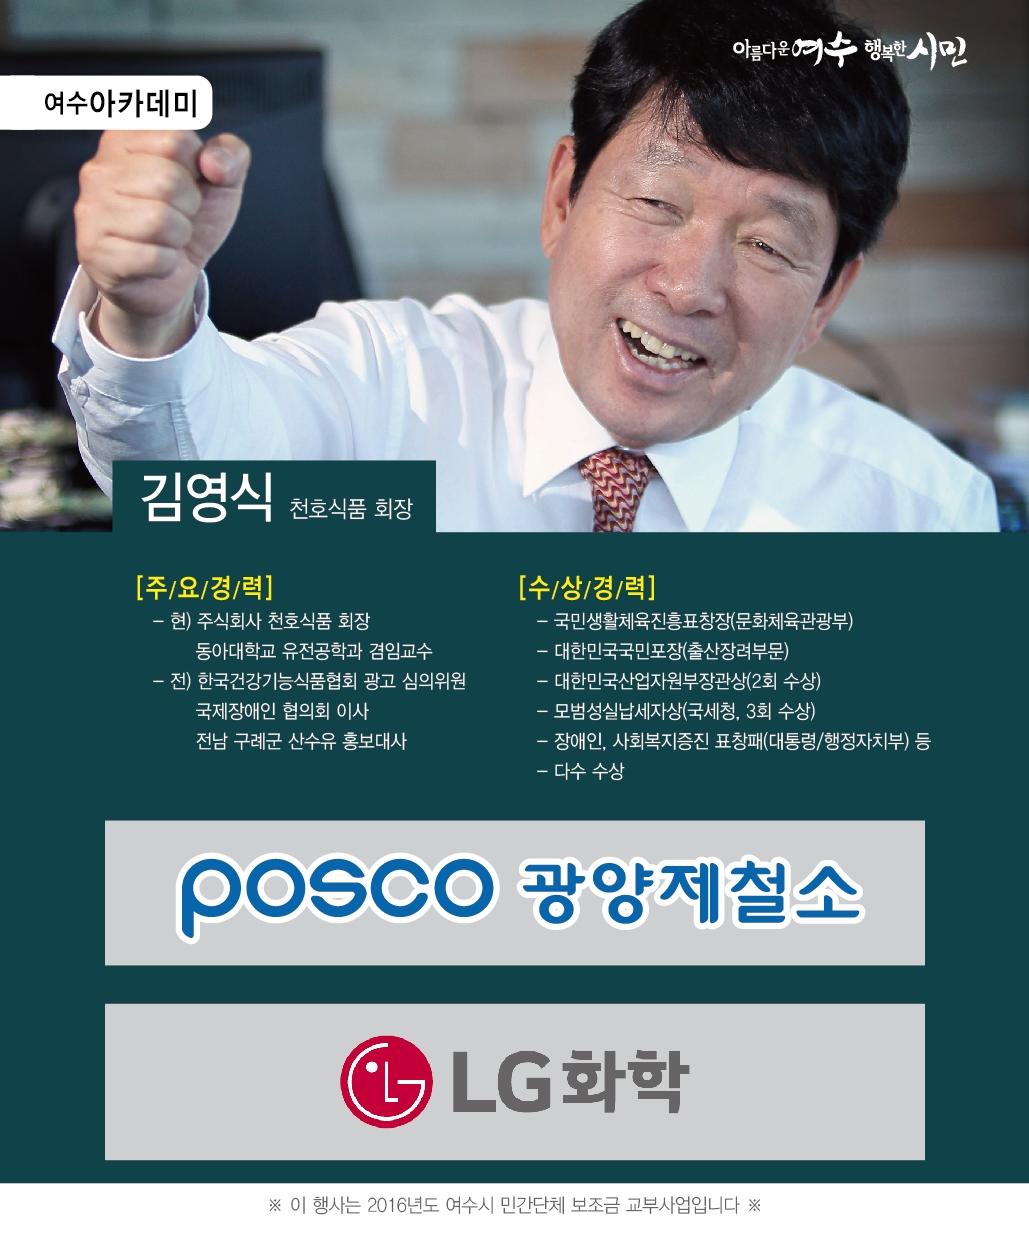 김영식, 10미터만 더 뛰어봐(3/24) 행사정보